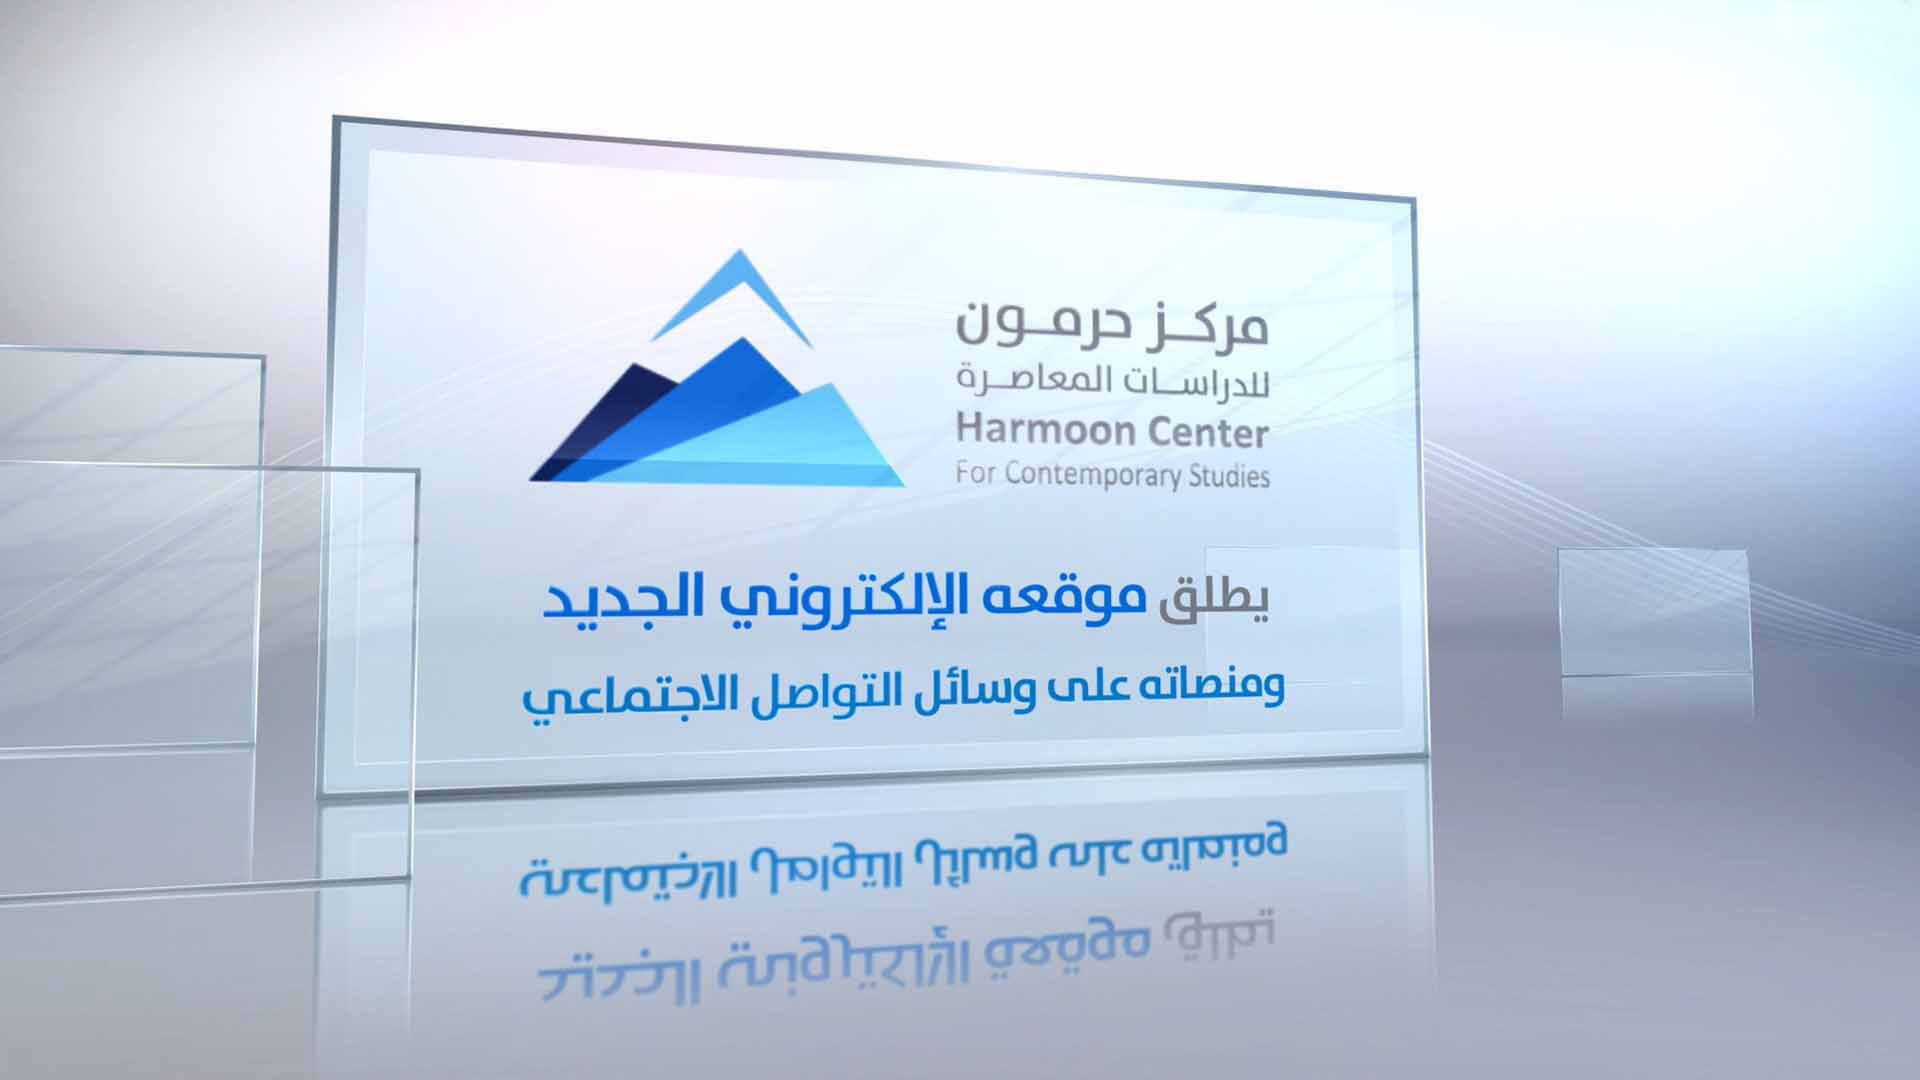 انطلاق الموقع الجديد لمركز حرمون للدراسات المعاصرة